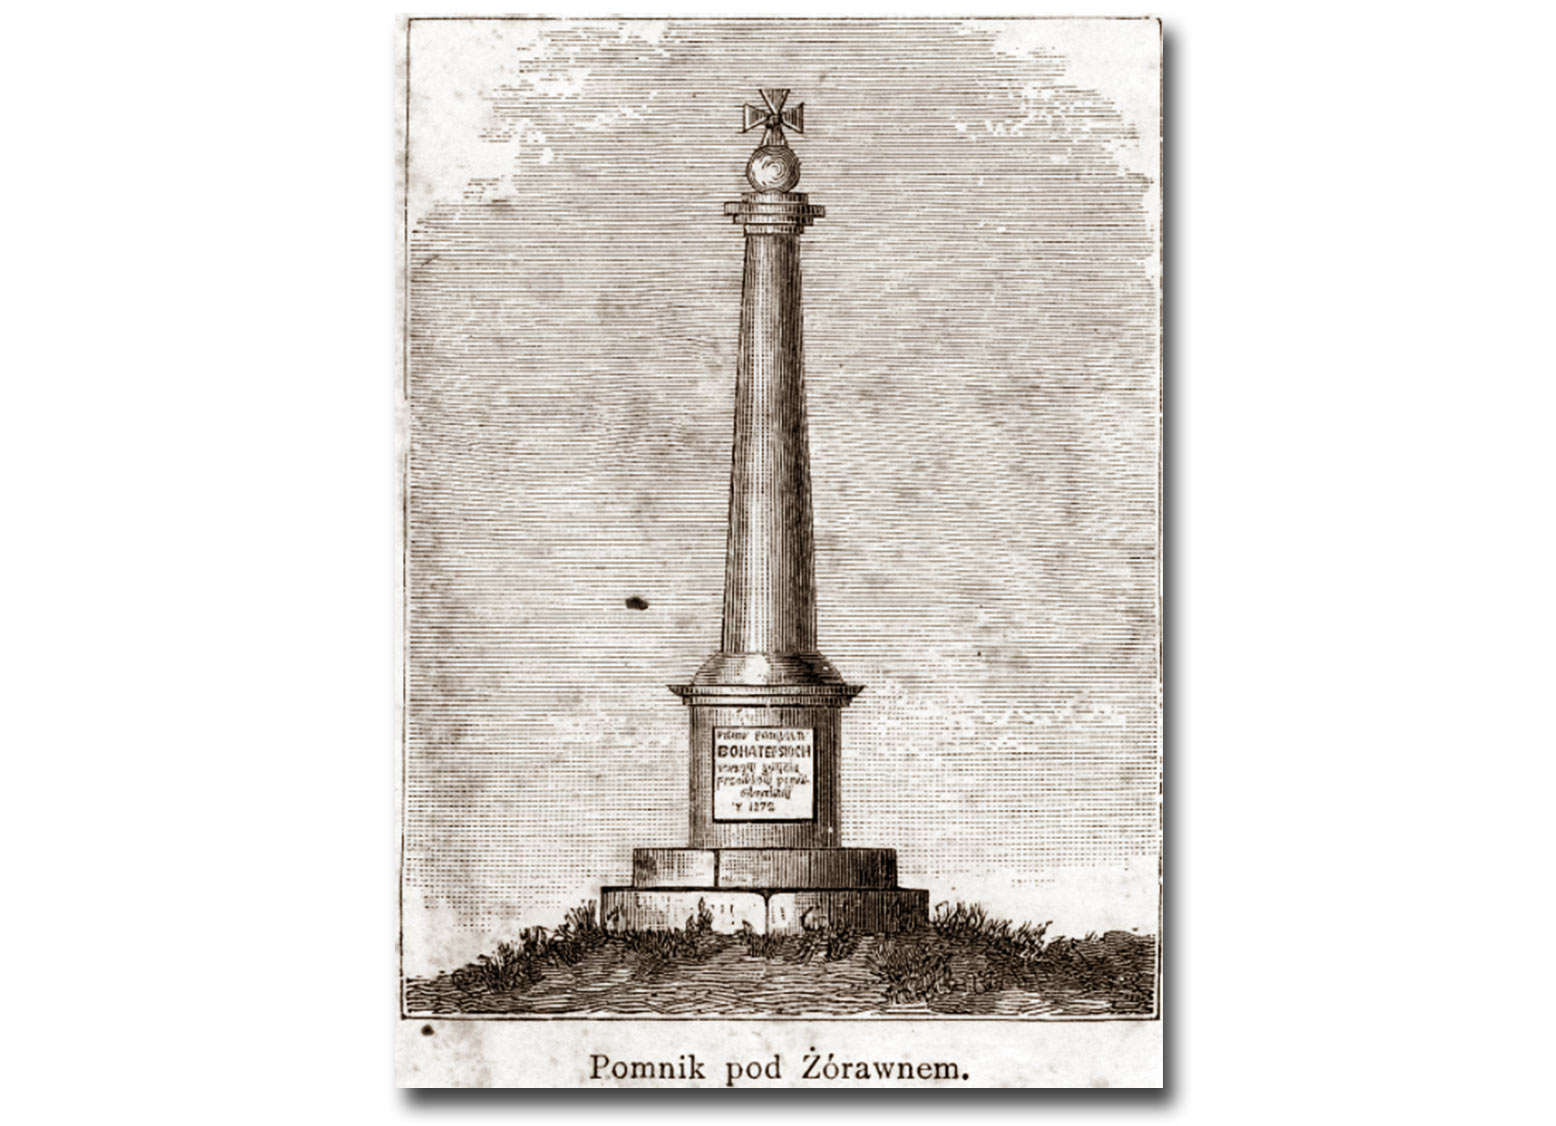 57_61_pomnik pod Żórawnem.jpg Pomnik bitwy pod Żórawnem, rycina ze zbiorów Biblioteki Narodowej